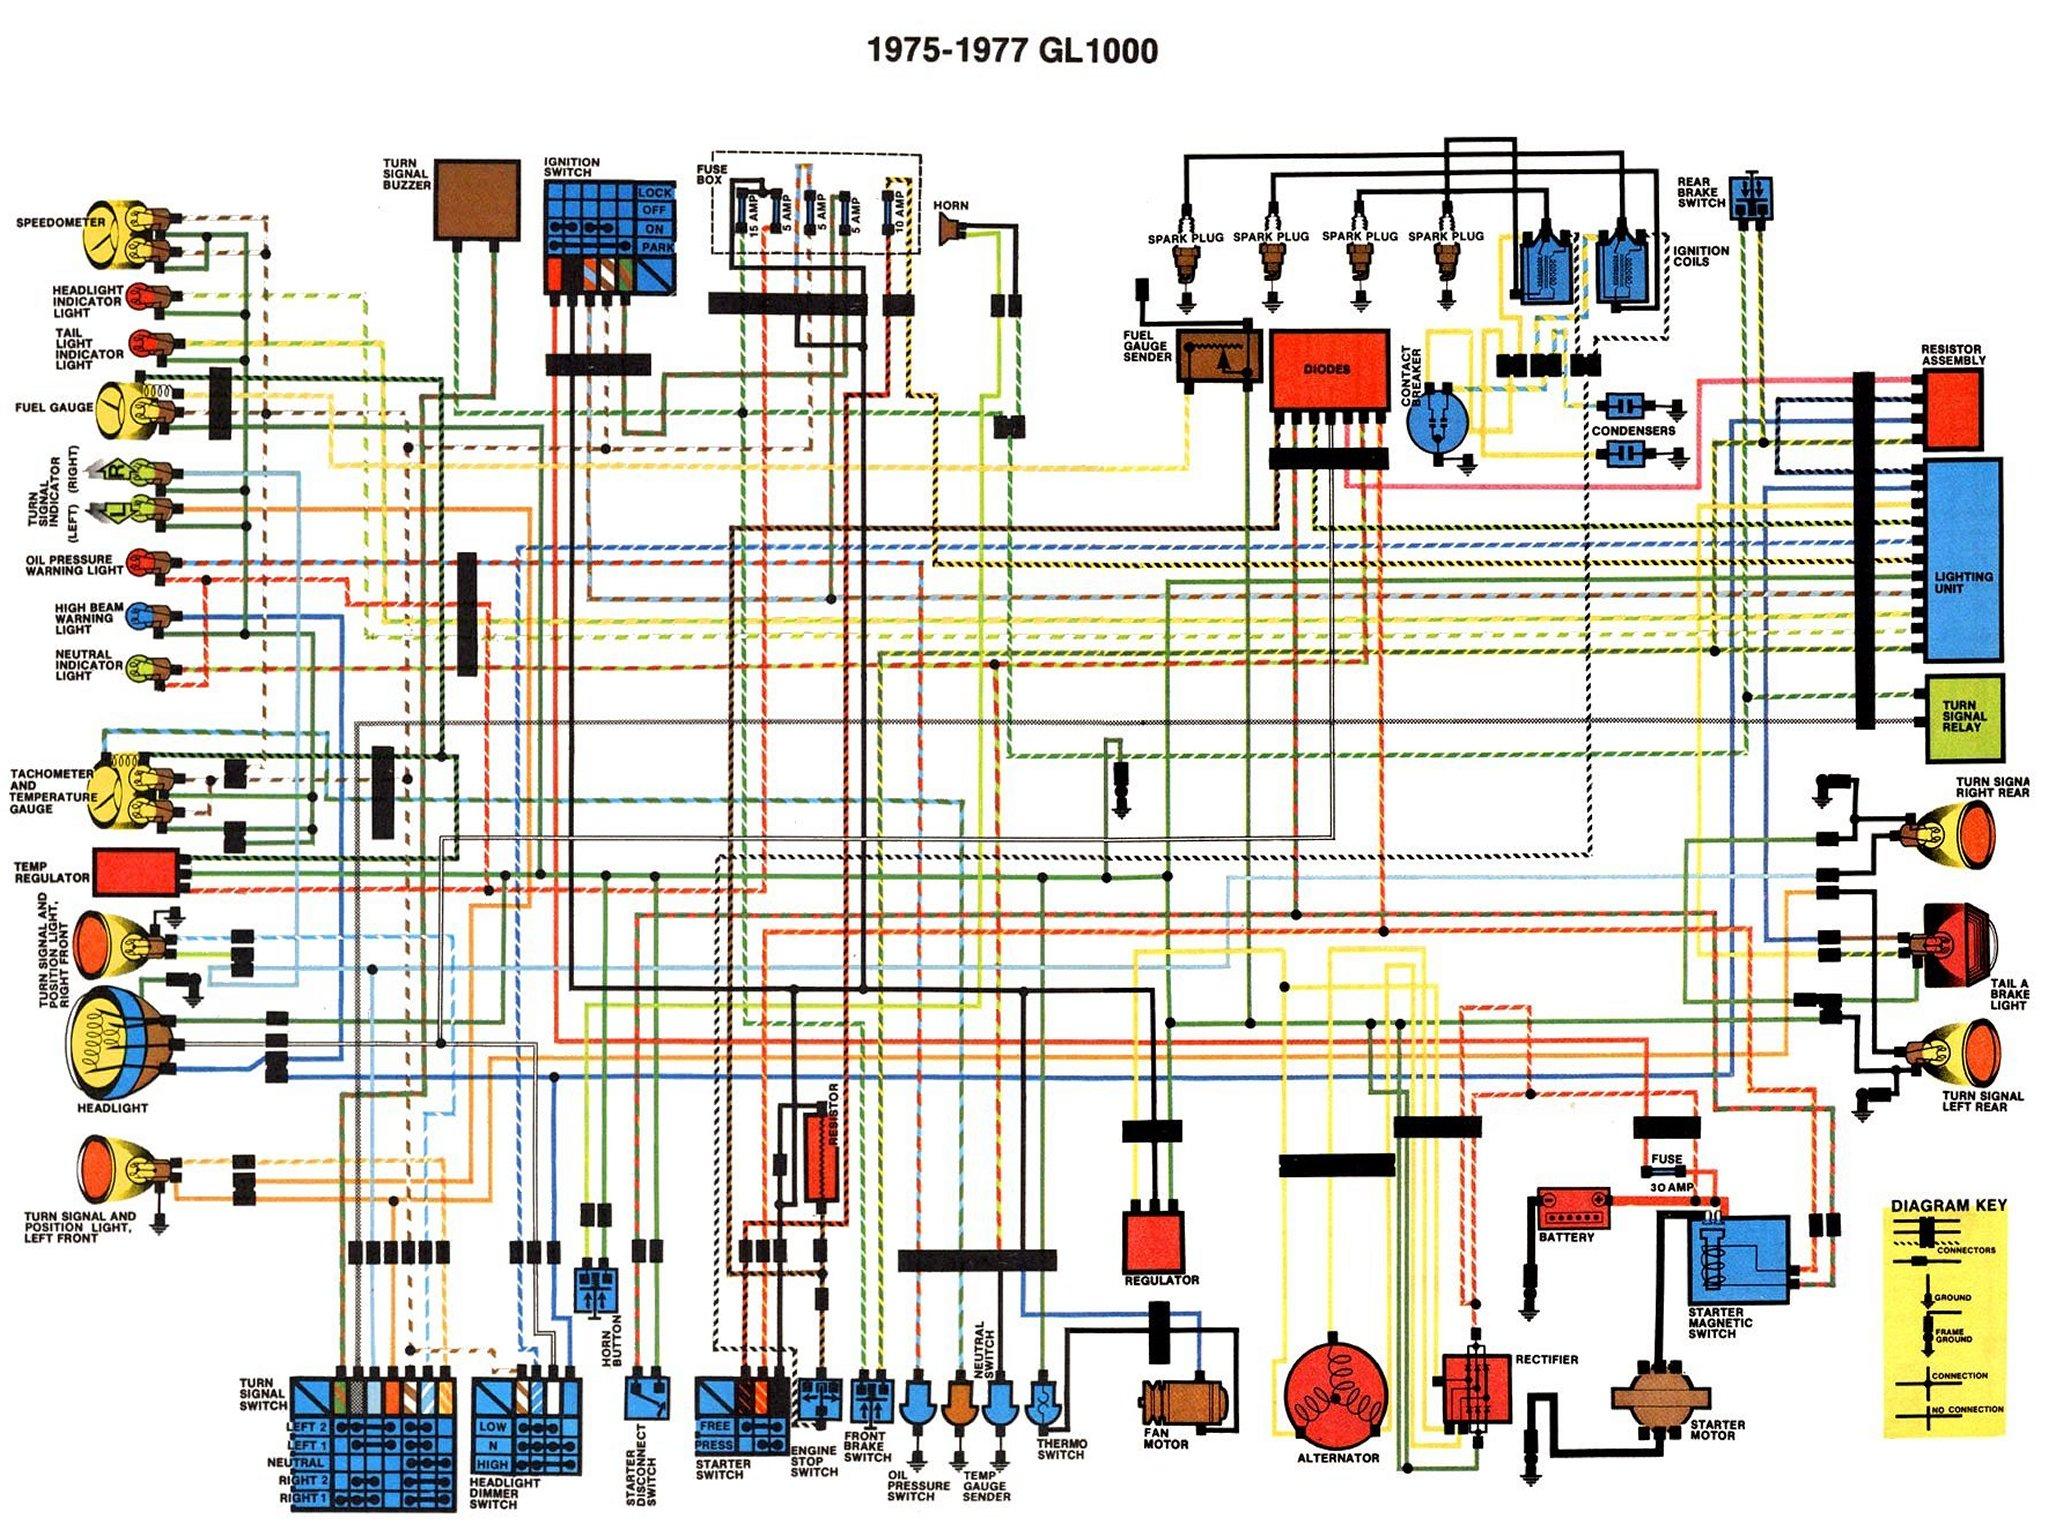 [DIAGRAM_3ER]  BA_4785] Gl1800 Audio Wiring Diagram Schematic Wiring | Gl1800 Audio Wiring Diagram |  | Coun Penghe Ilari Gresi Chro Carn Ospor Garna Grebs Unho Rele  Mohammedshrine Librar Wiring 101